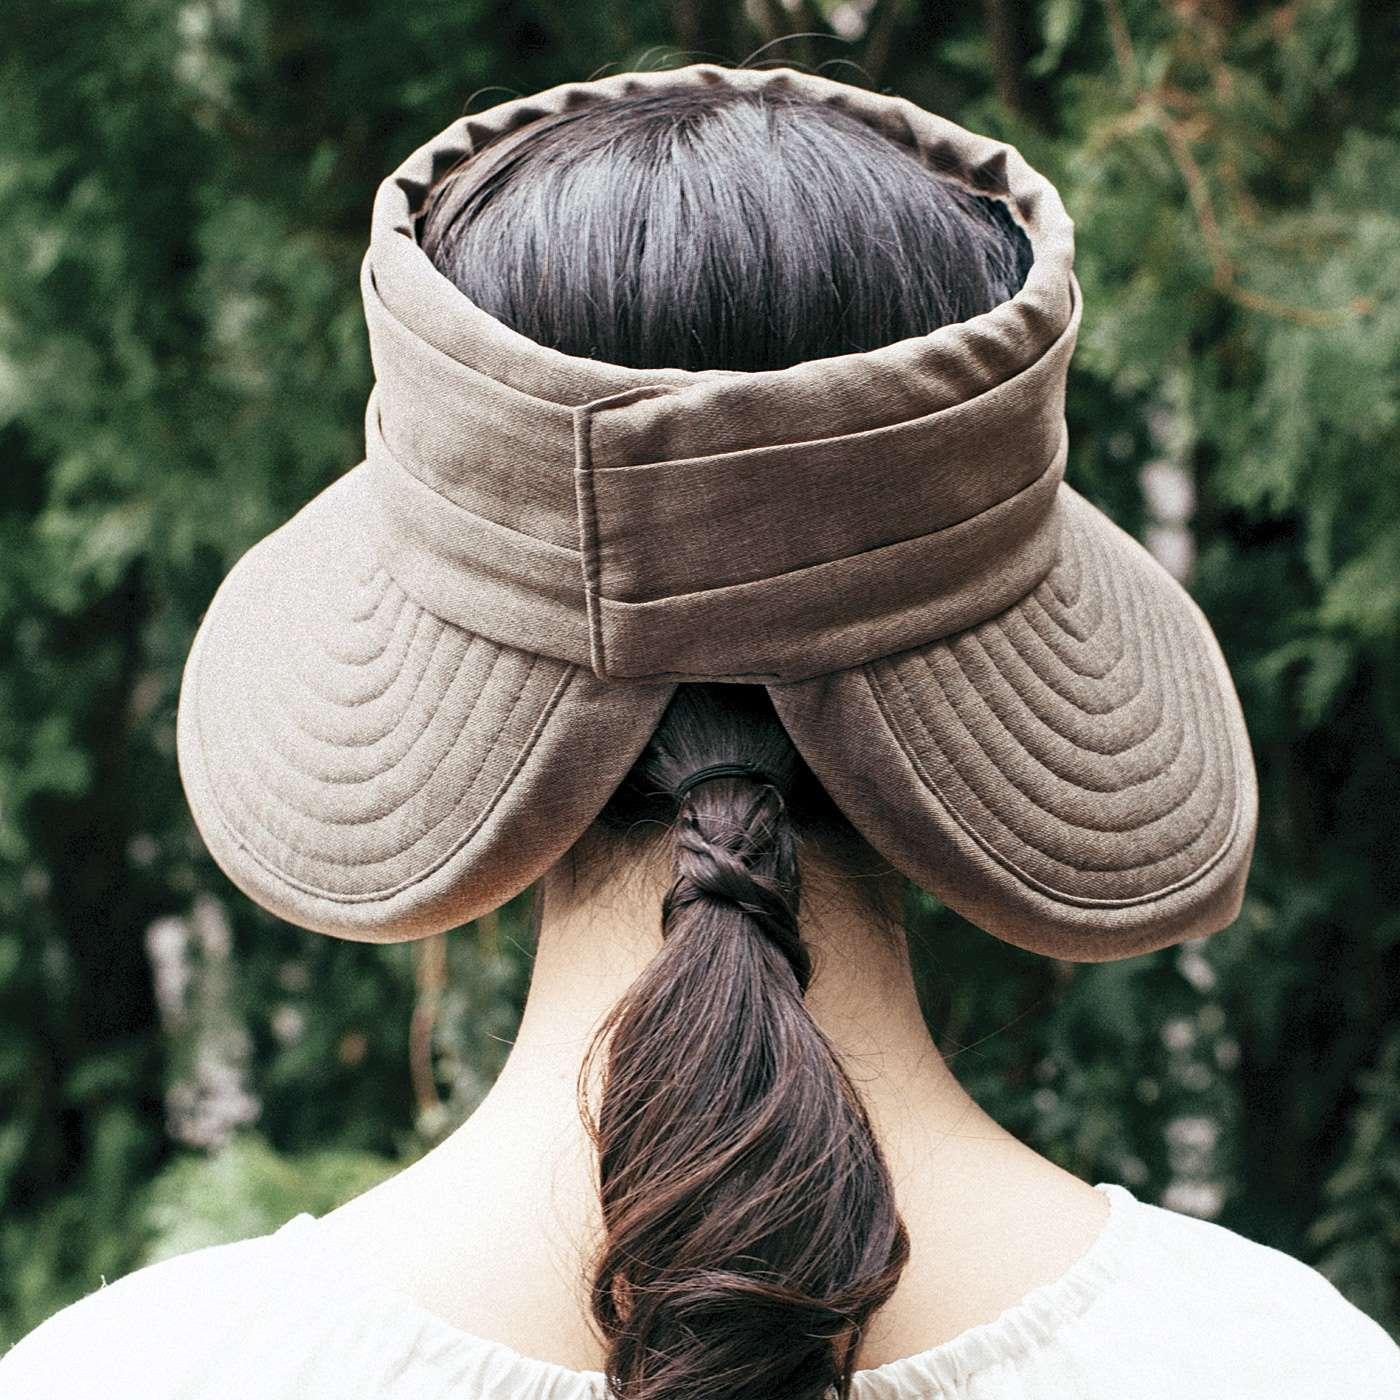 後ろのつばが開いているので低めの位置のポニーテールやおだんごヘアが出せる♪